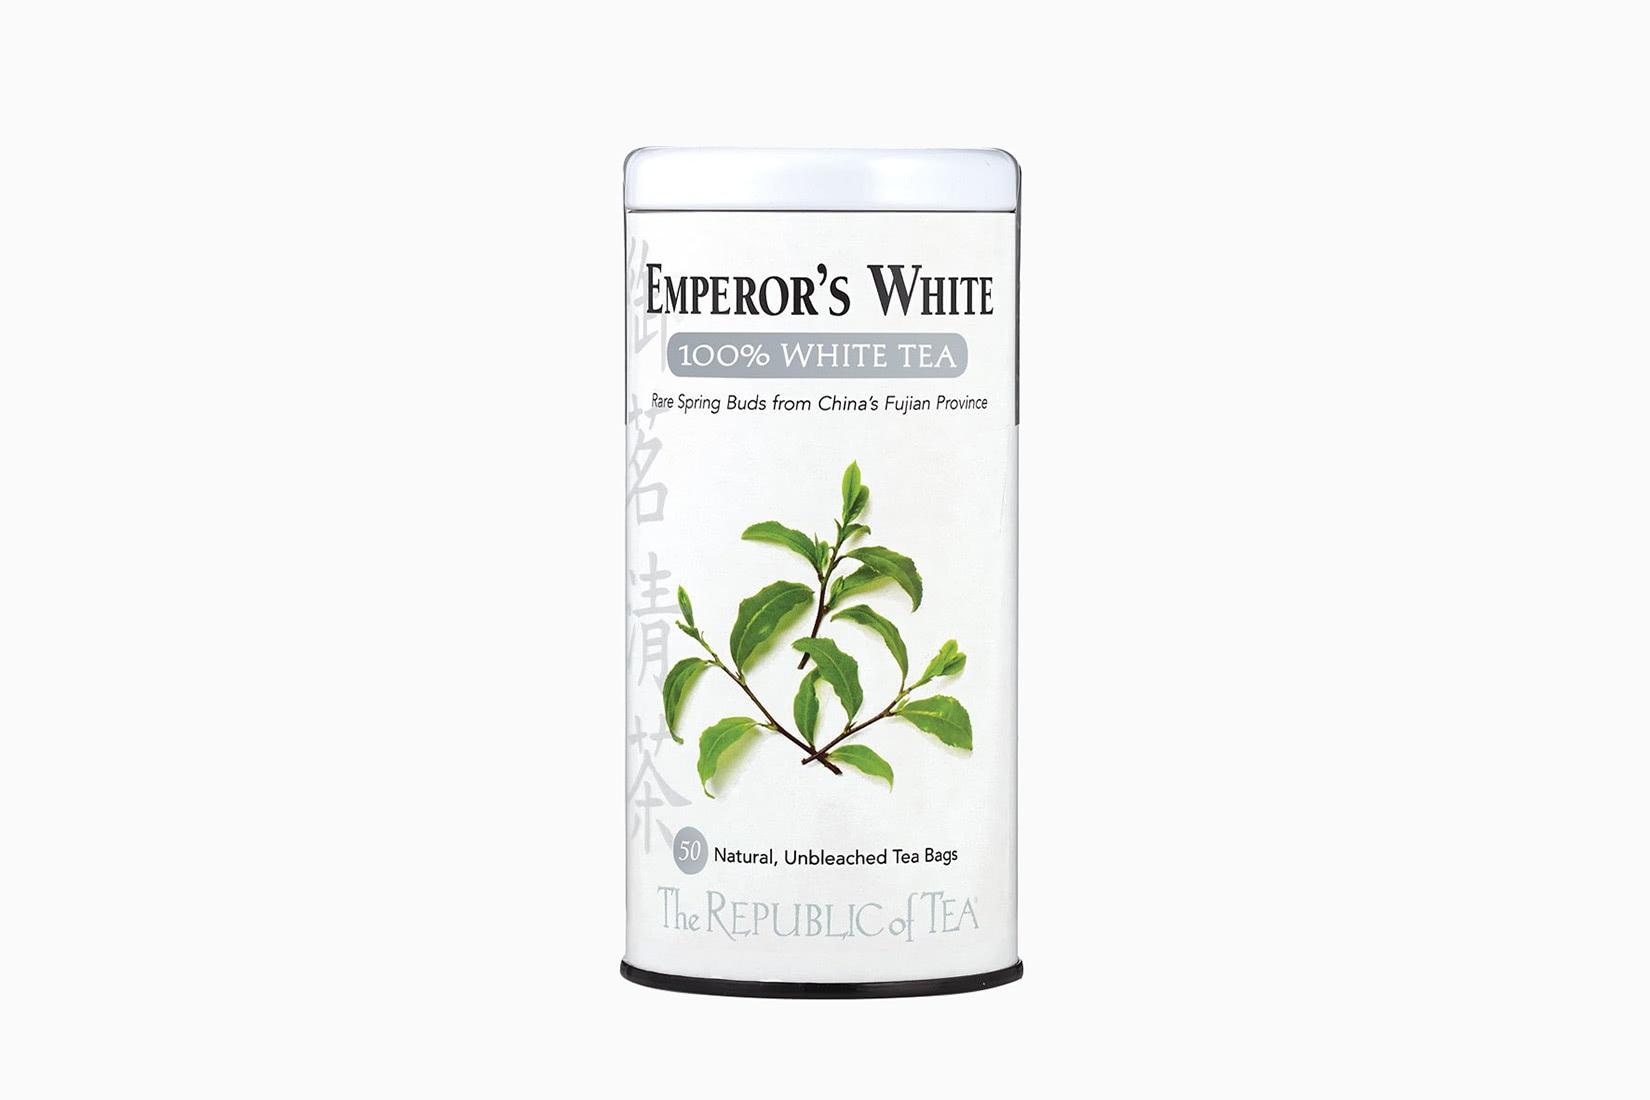 best tea brands white emperor - Luxe Digital